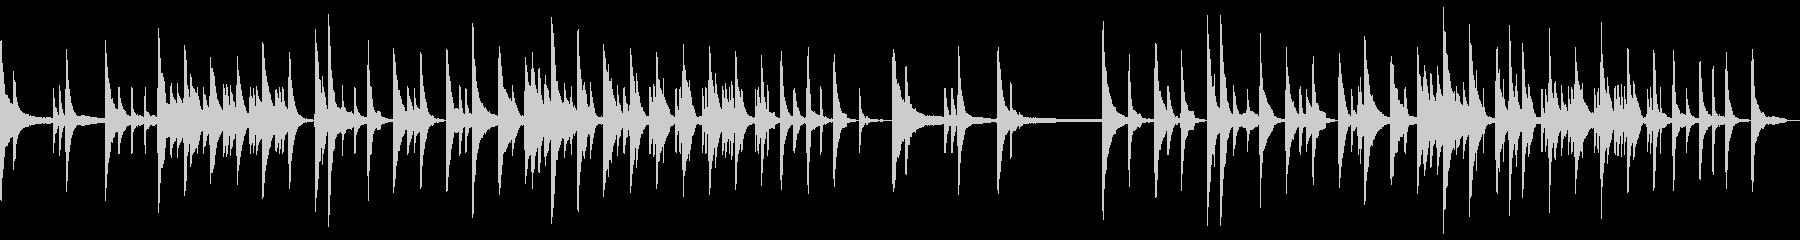 ピアノだけのしっとり切ないけど癒しの曲の未再生の波形